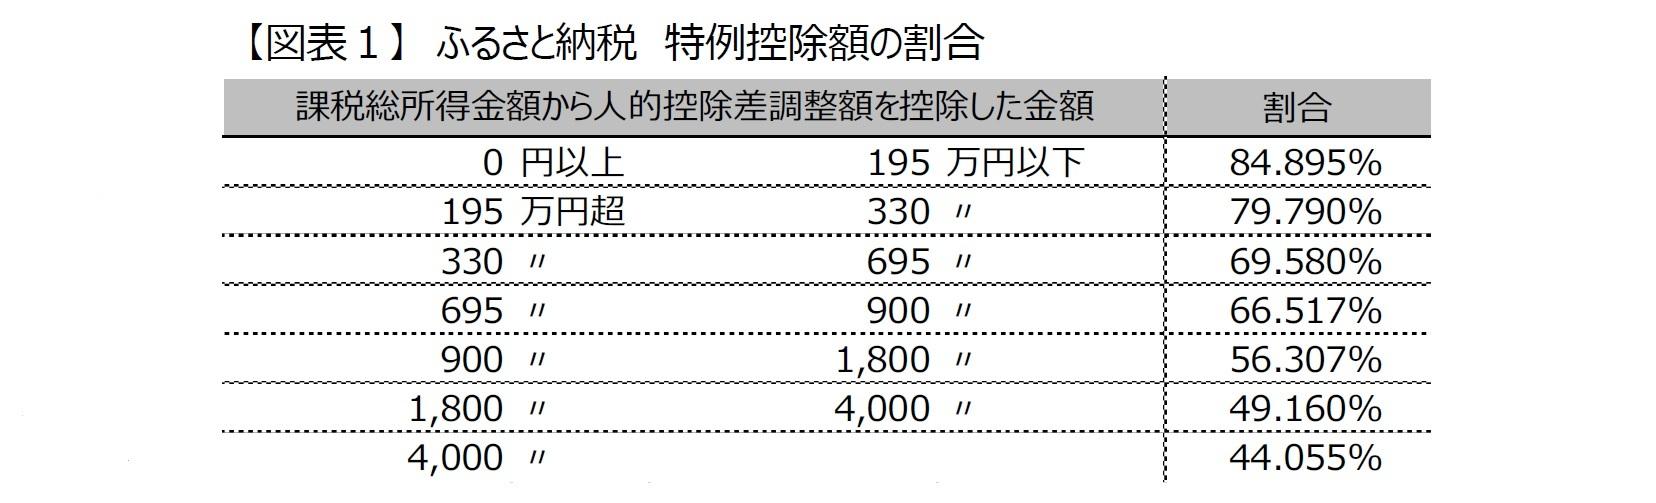 【図表1】 ふるさと納税 特例控除額の割合